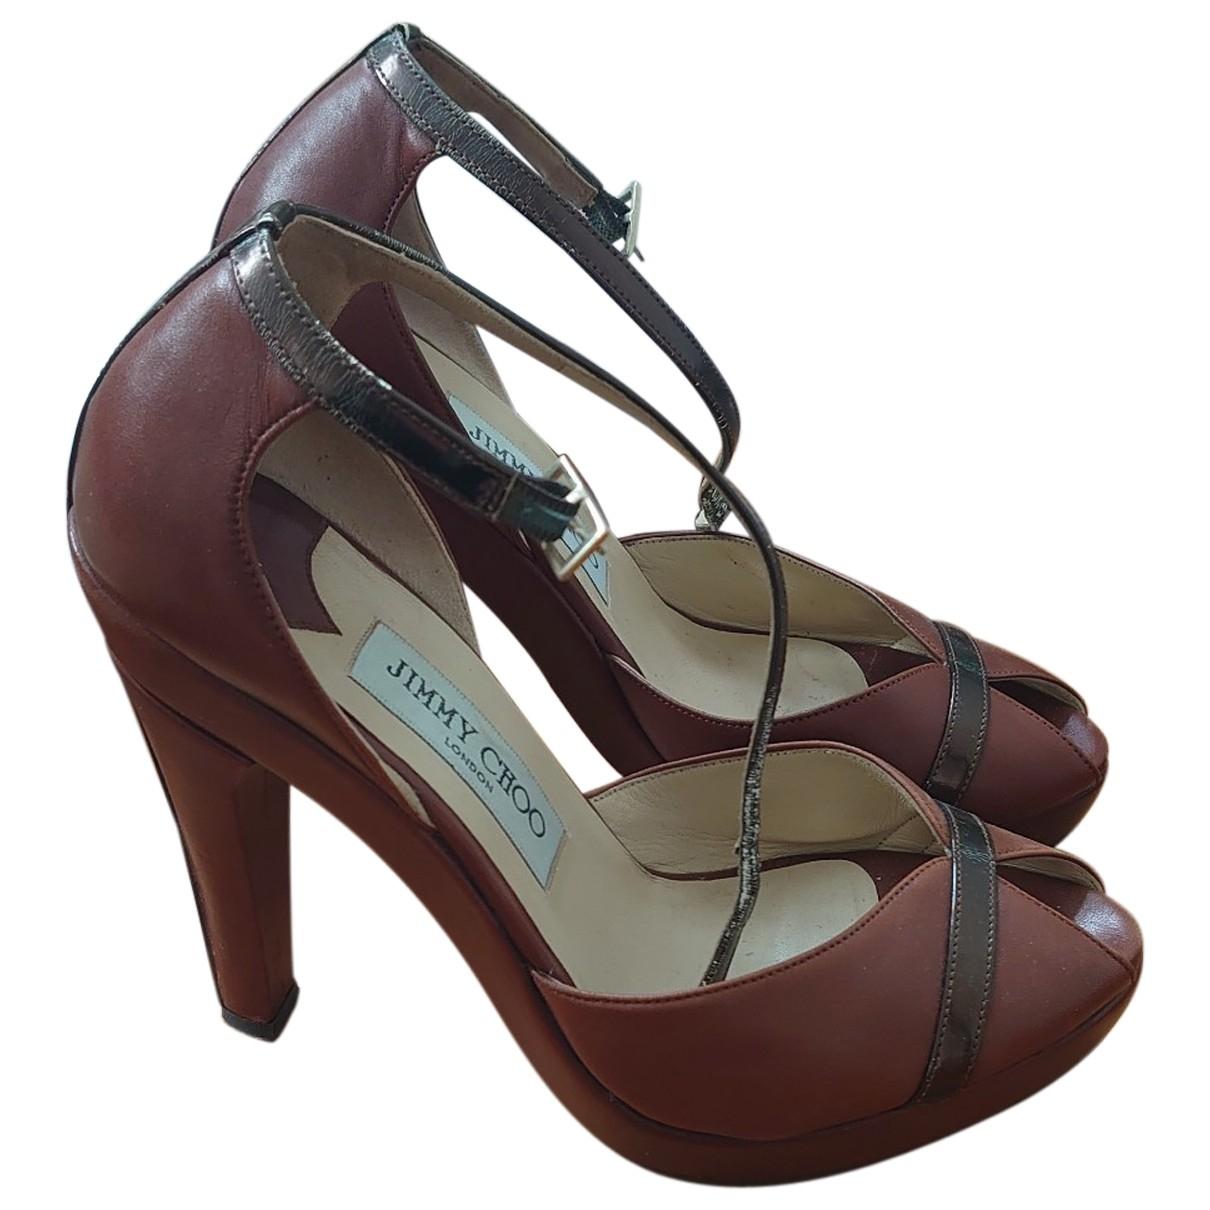 Jimmy Choo - Sandales   pour femme en cuir - marron